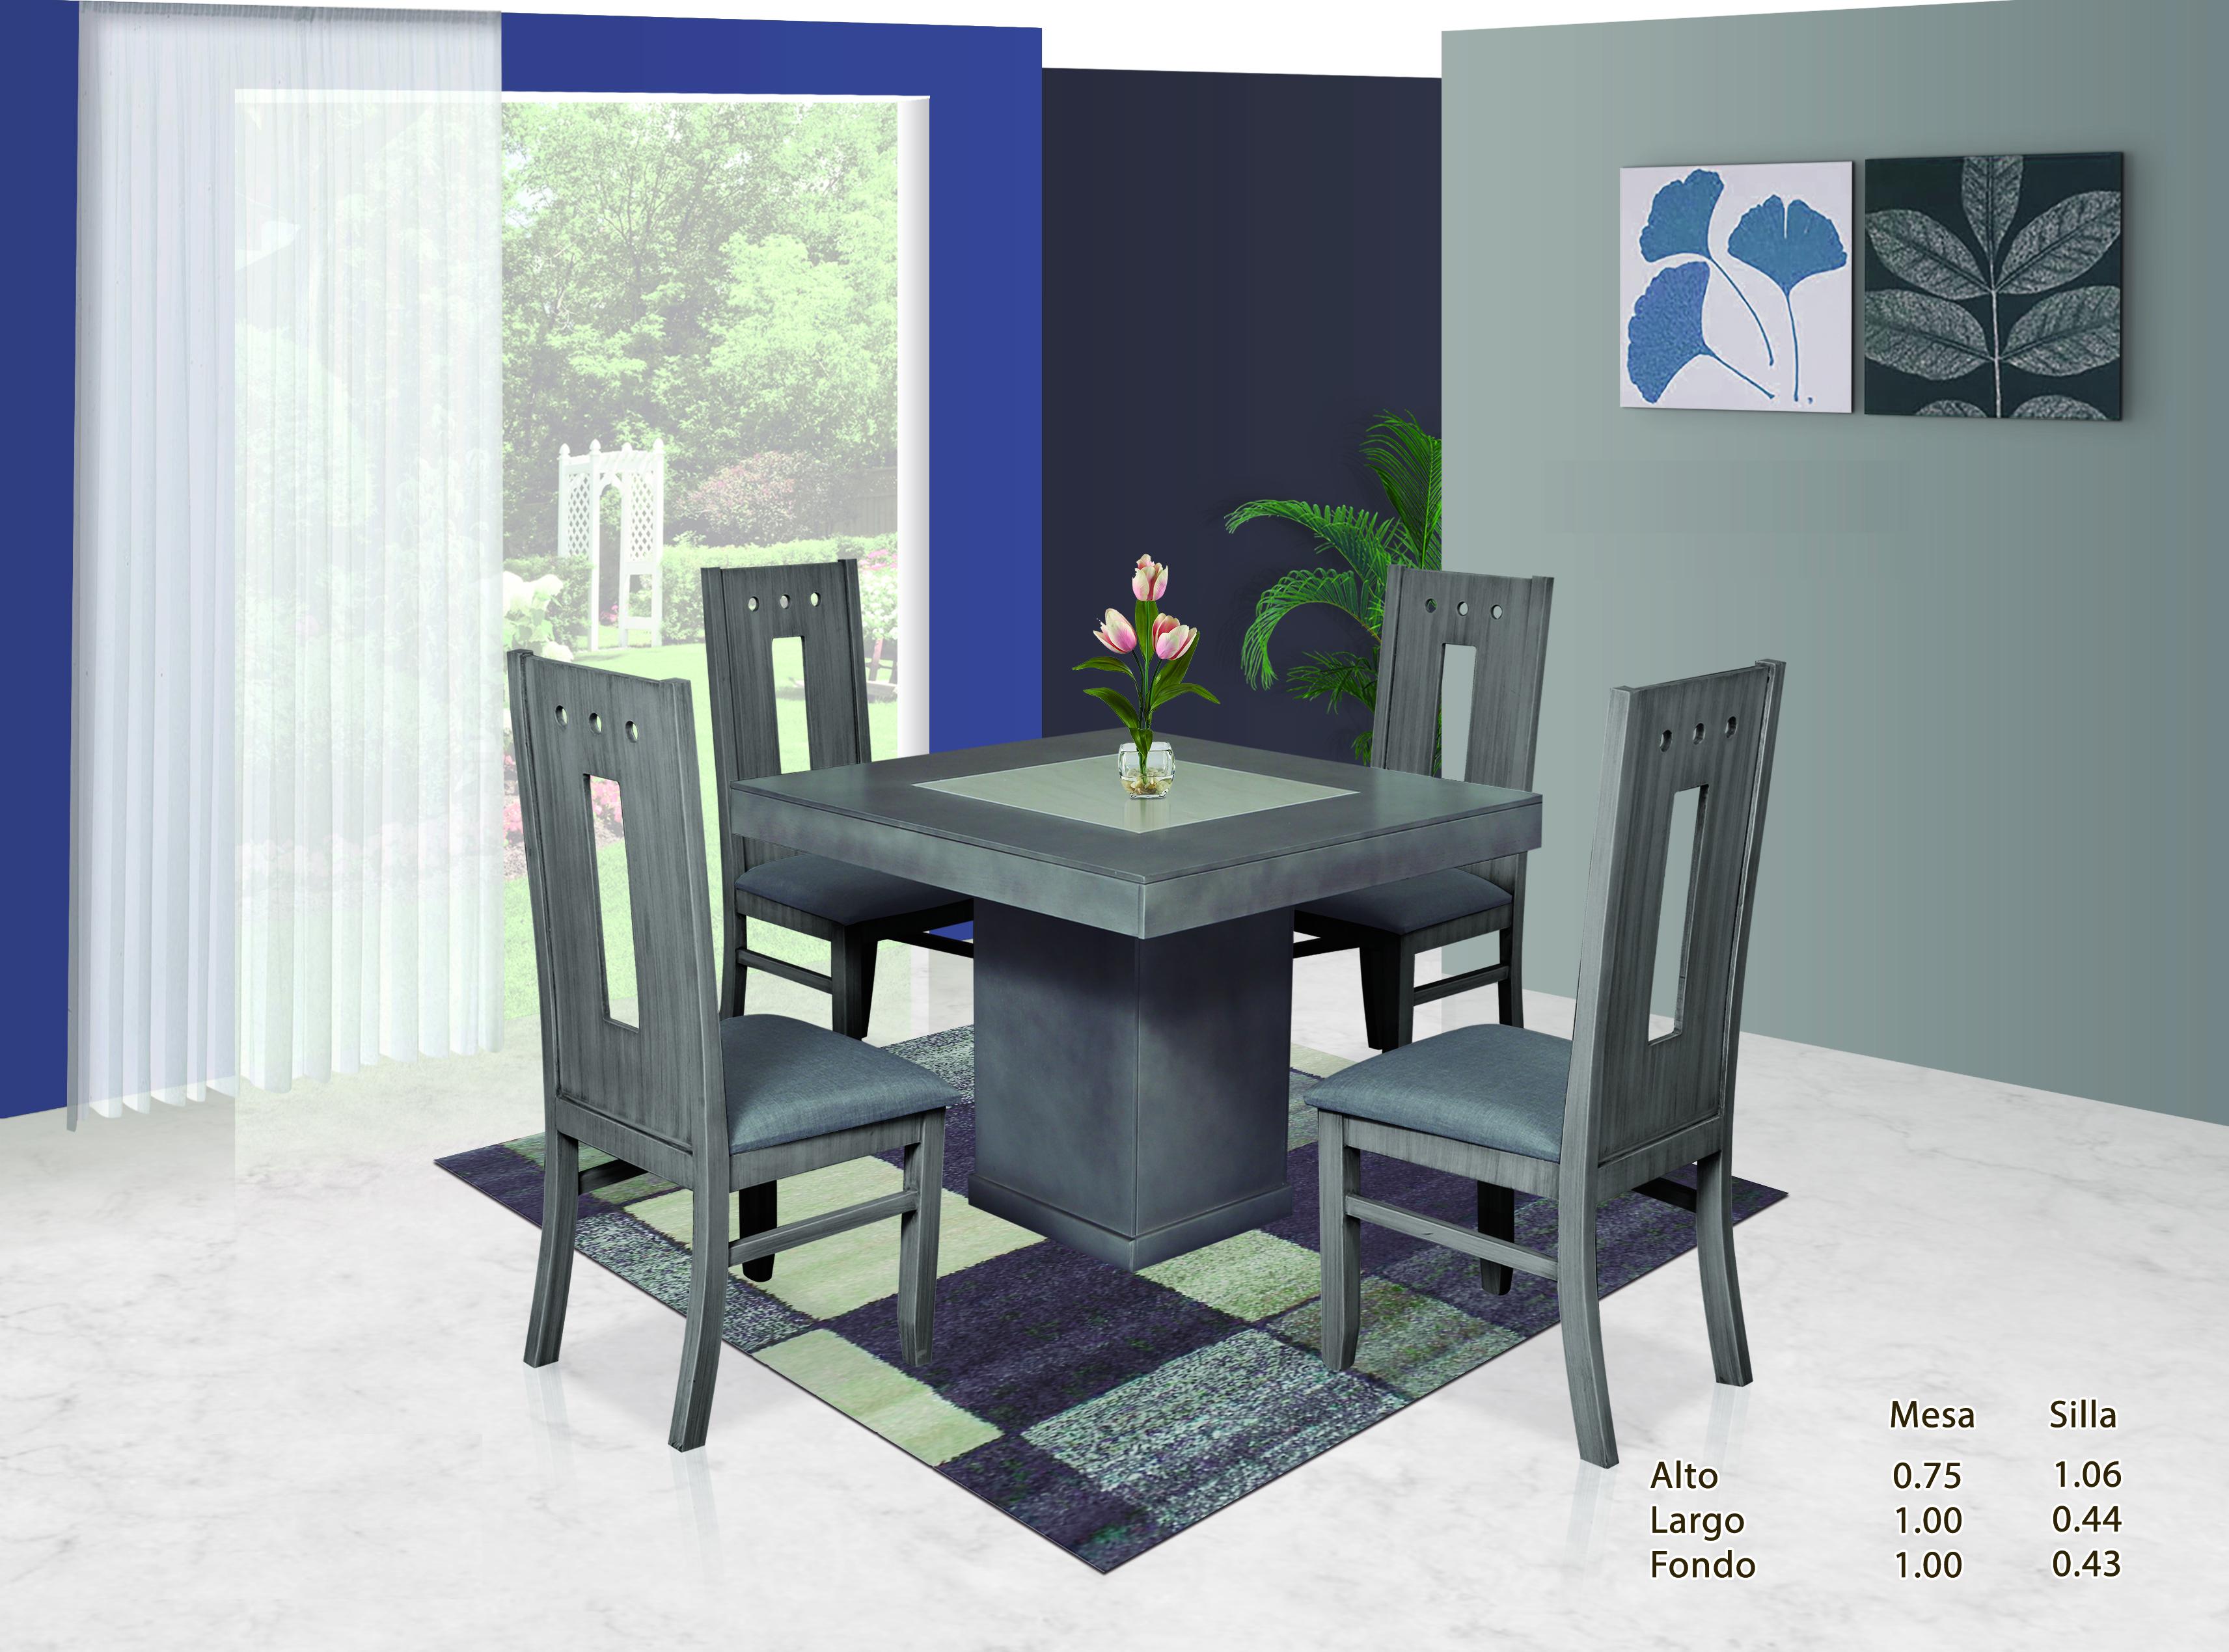 Paquete daxi recamara k s comedor 4 sillas y centro de for Sillas para recamara